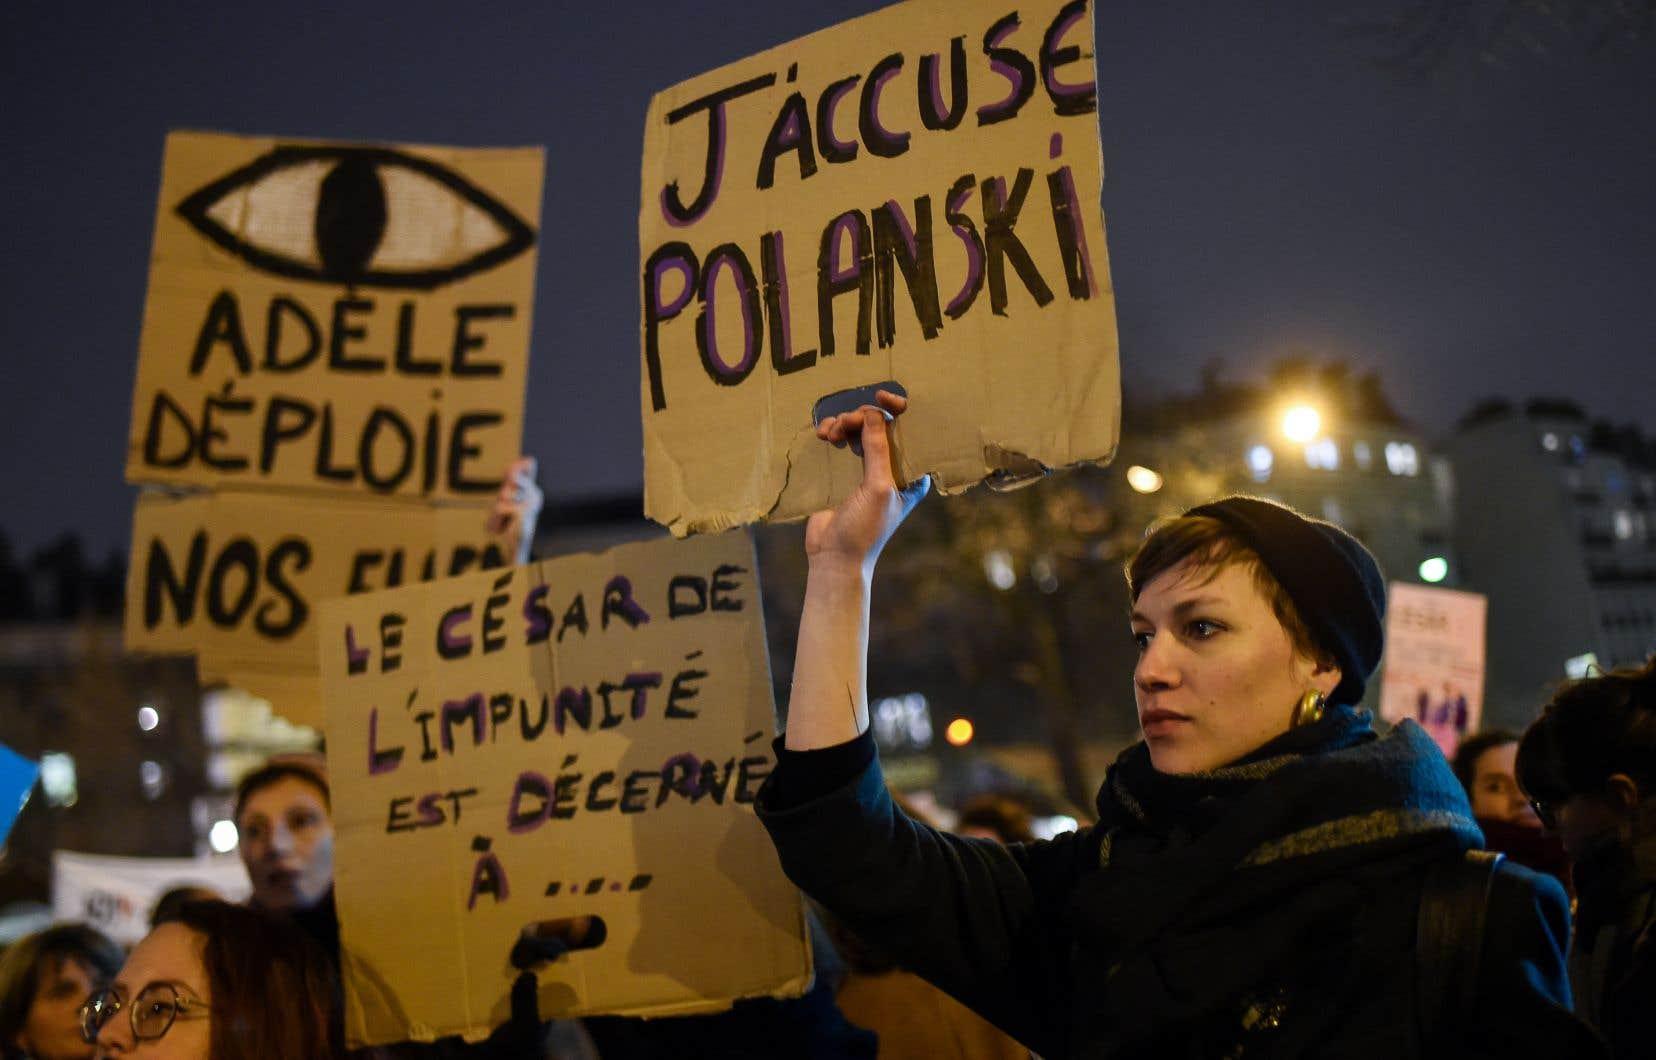 Avant le début de la cérémonie, des manifestants se sont réunis devant la Salle Pleyel pour protester contre les nombreuses nominations attribuées au film de Roman Polanski.